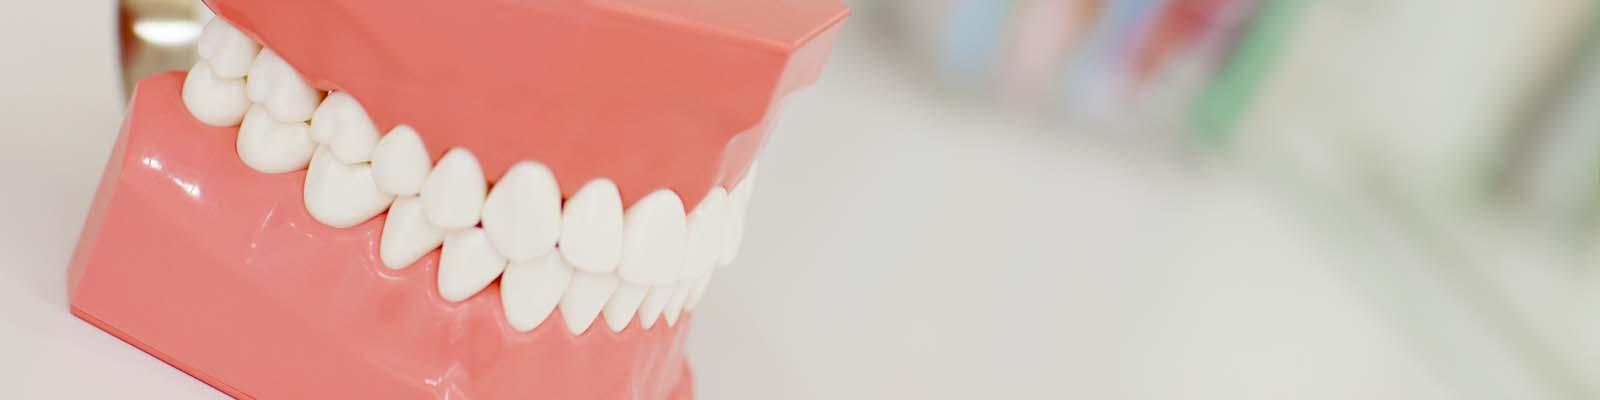 小石歯科 | インプラント